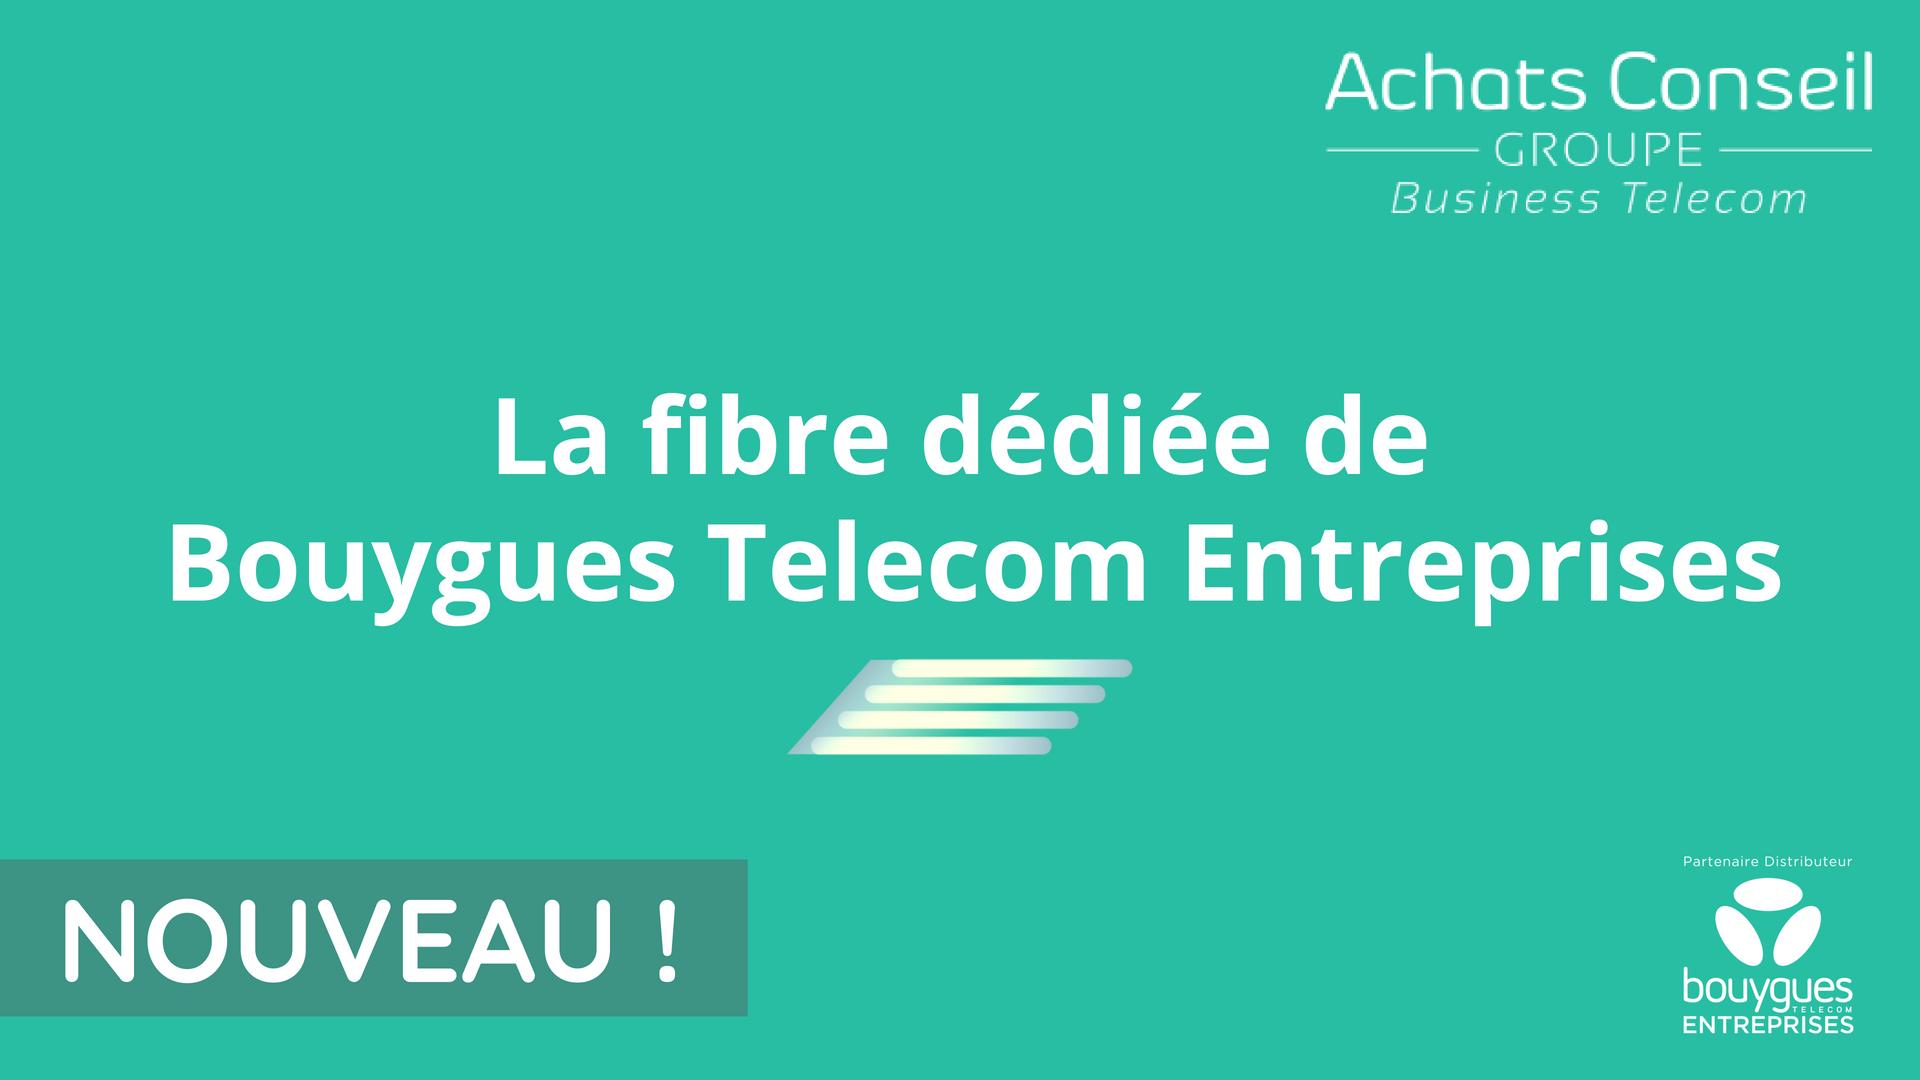 <b>Accès Internet</b><br>La fibre entreprise dédiée